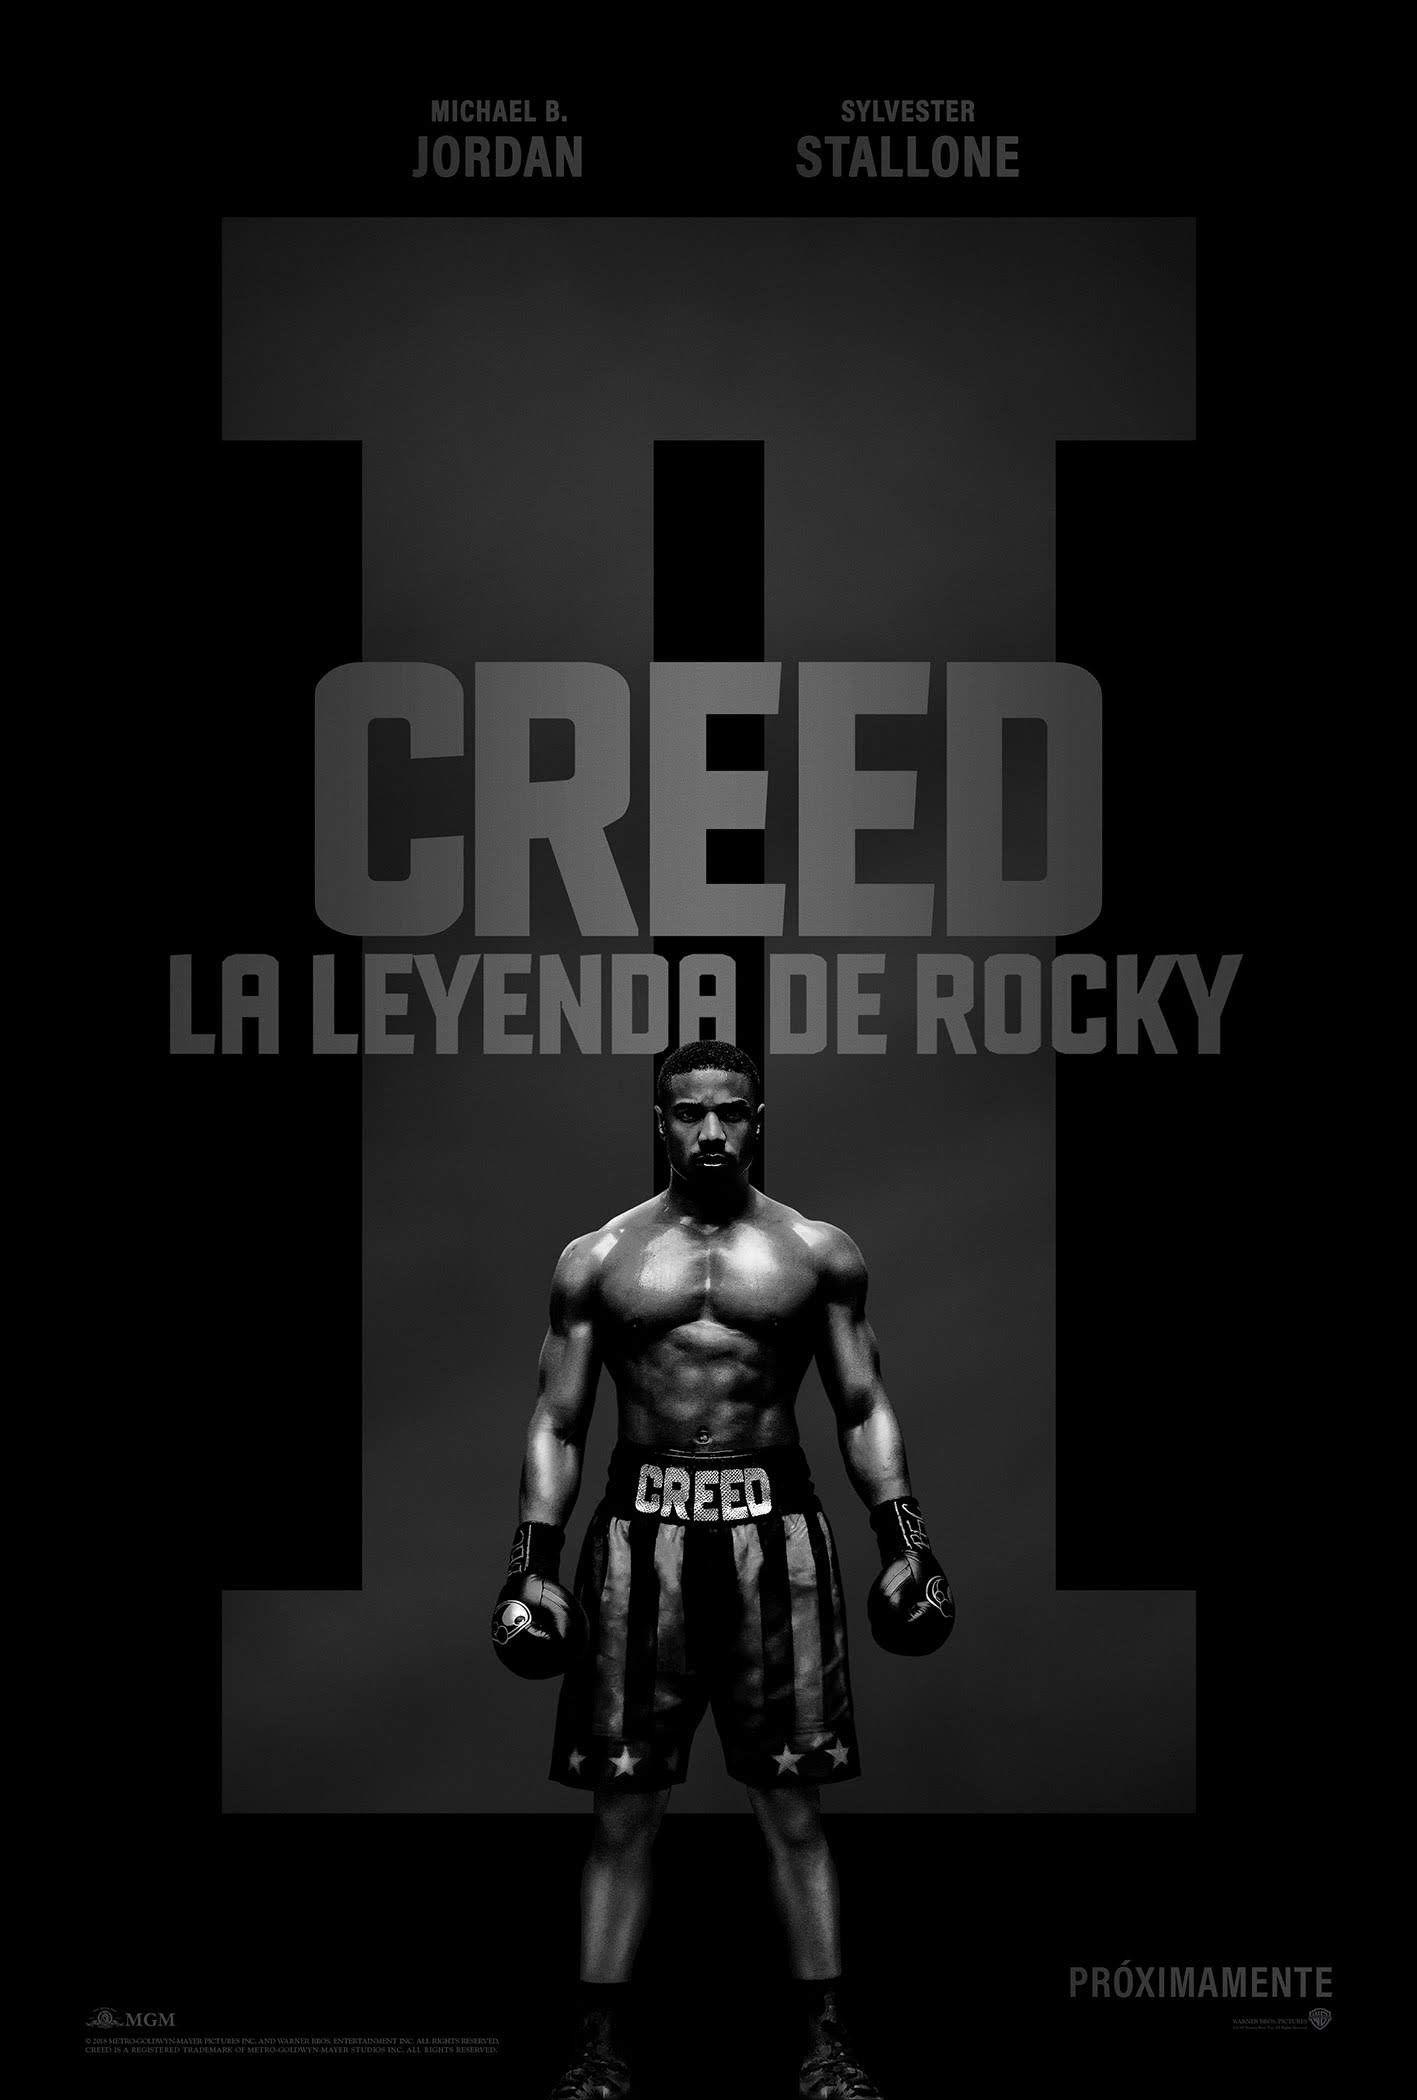 Creed Ii La Leyenda De Rocky Peliculas En Español Peliculas Completas En Castellano Ver Peliculas Completas